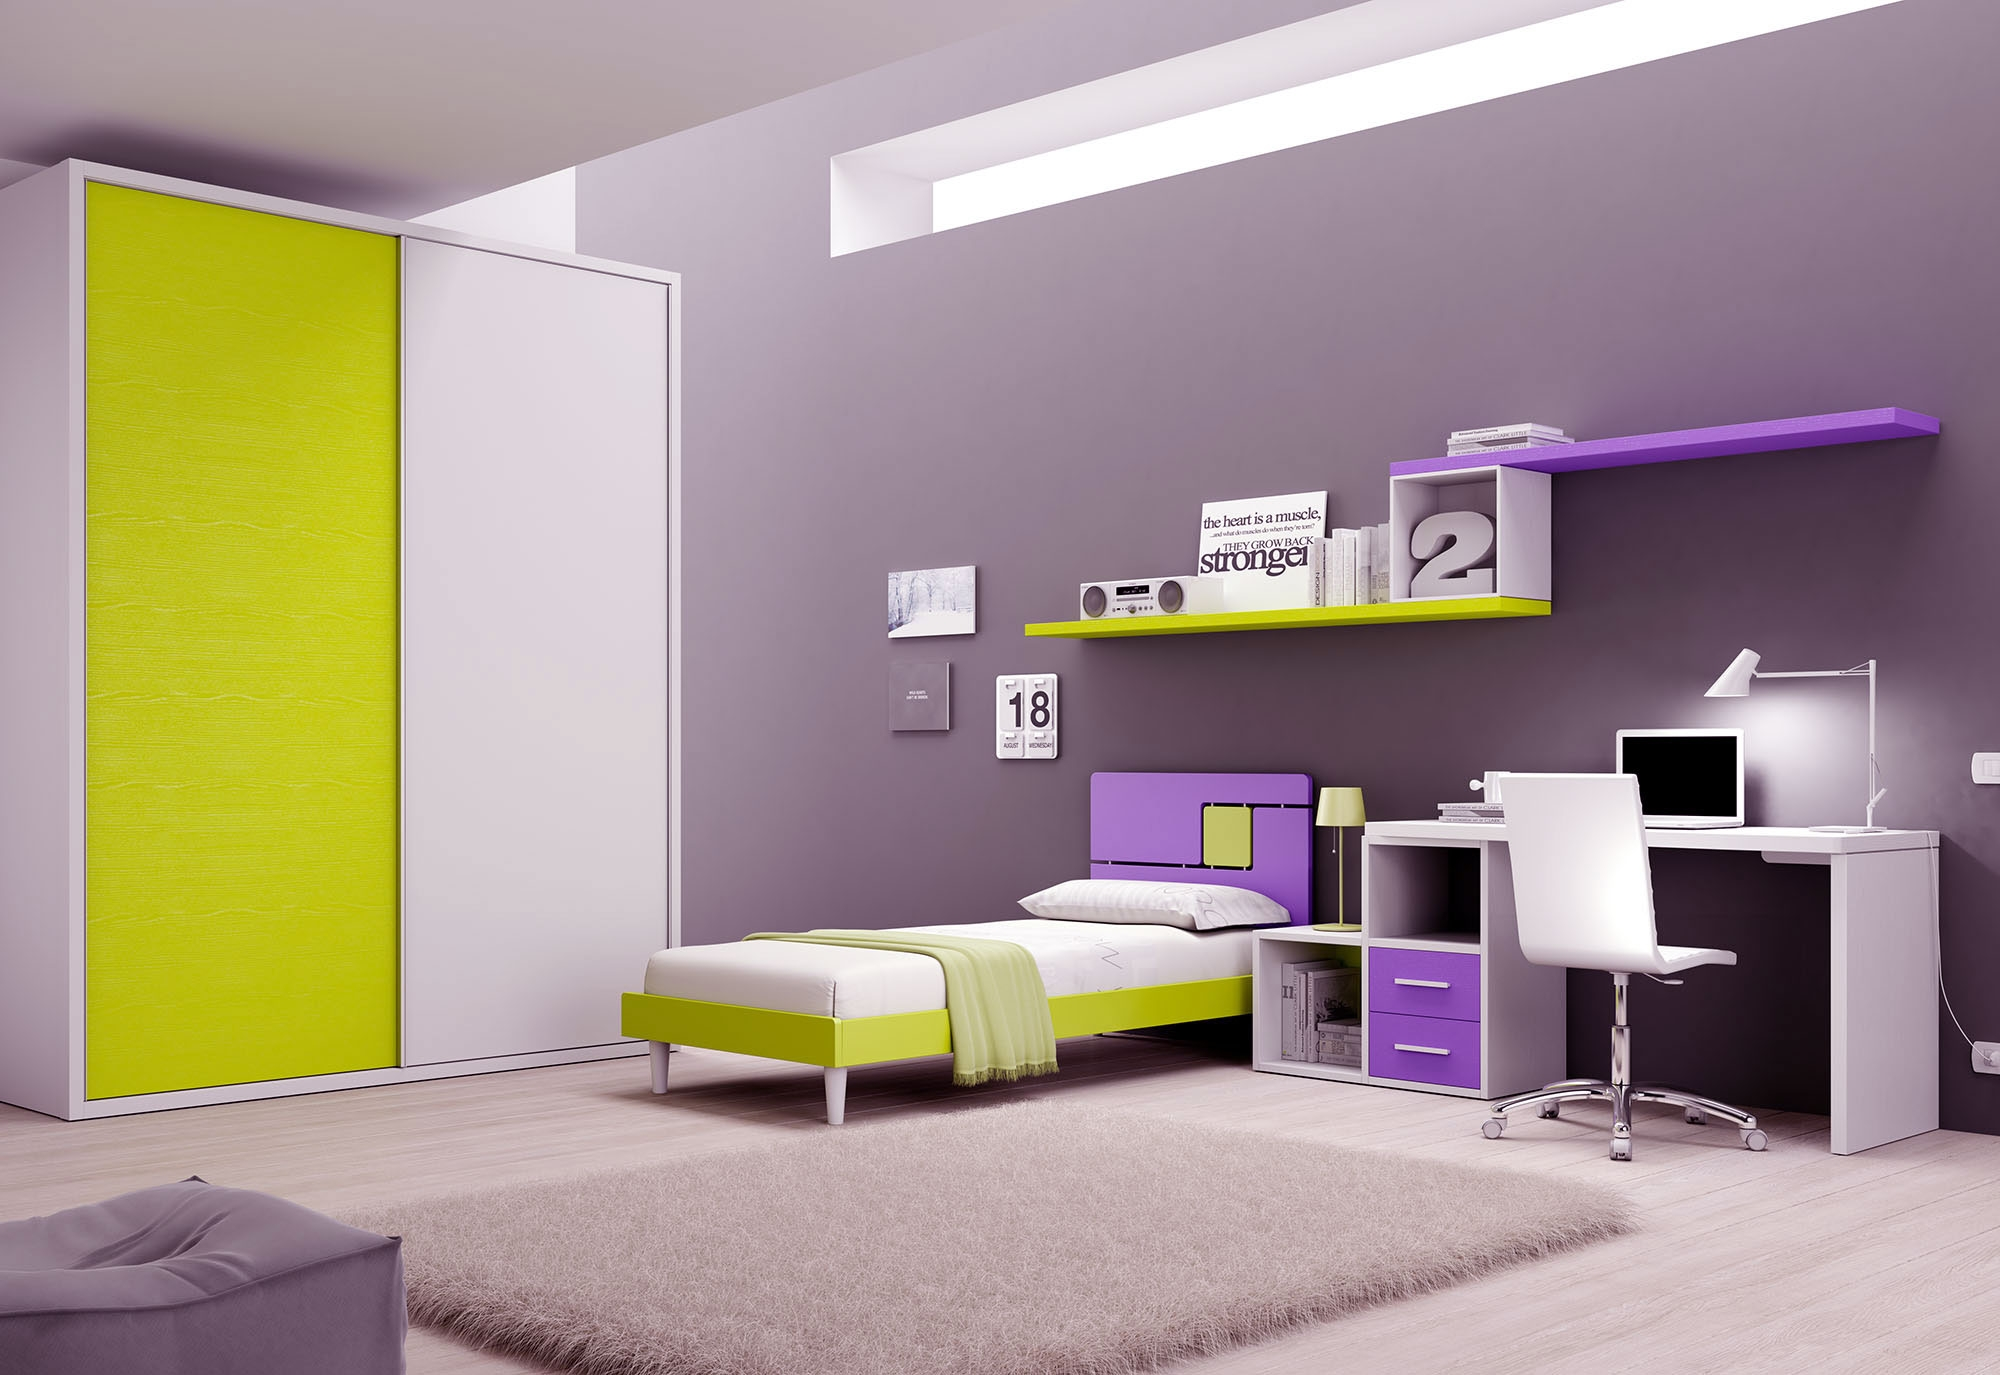 Chambre enfant PERSONNALISABLE BF38 avec lit 1 personne - MORETTI COMPACT